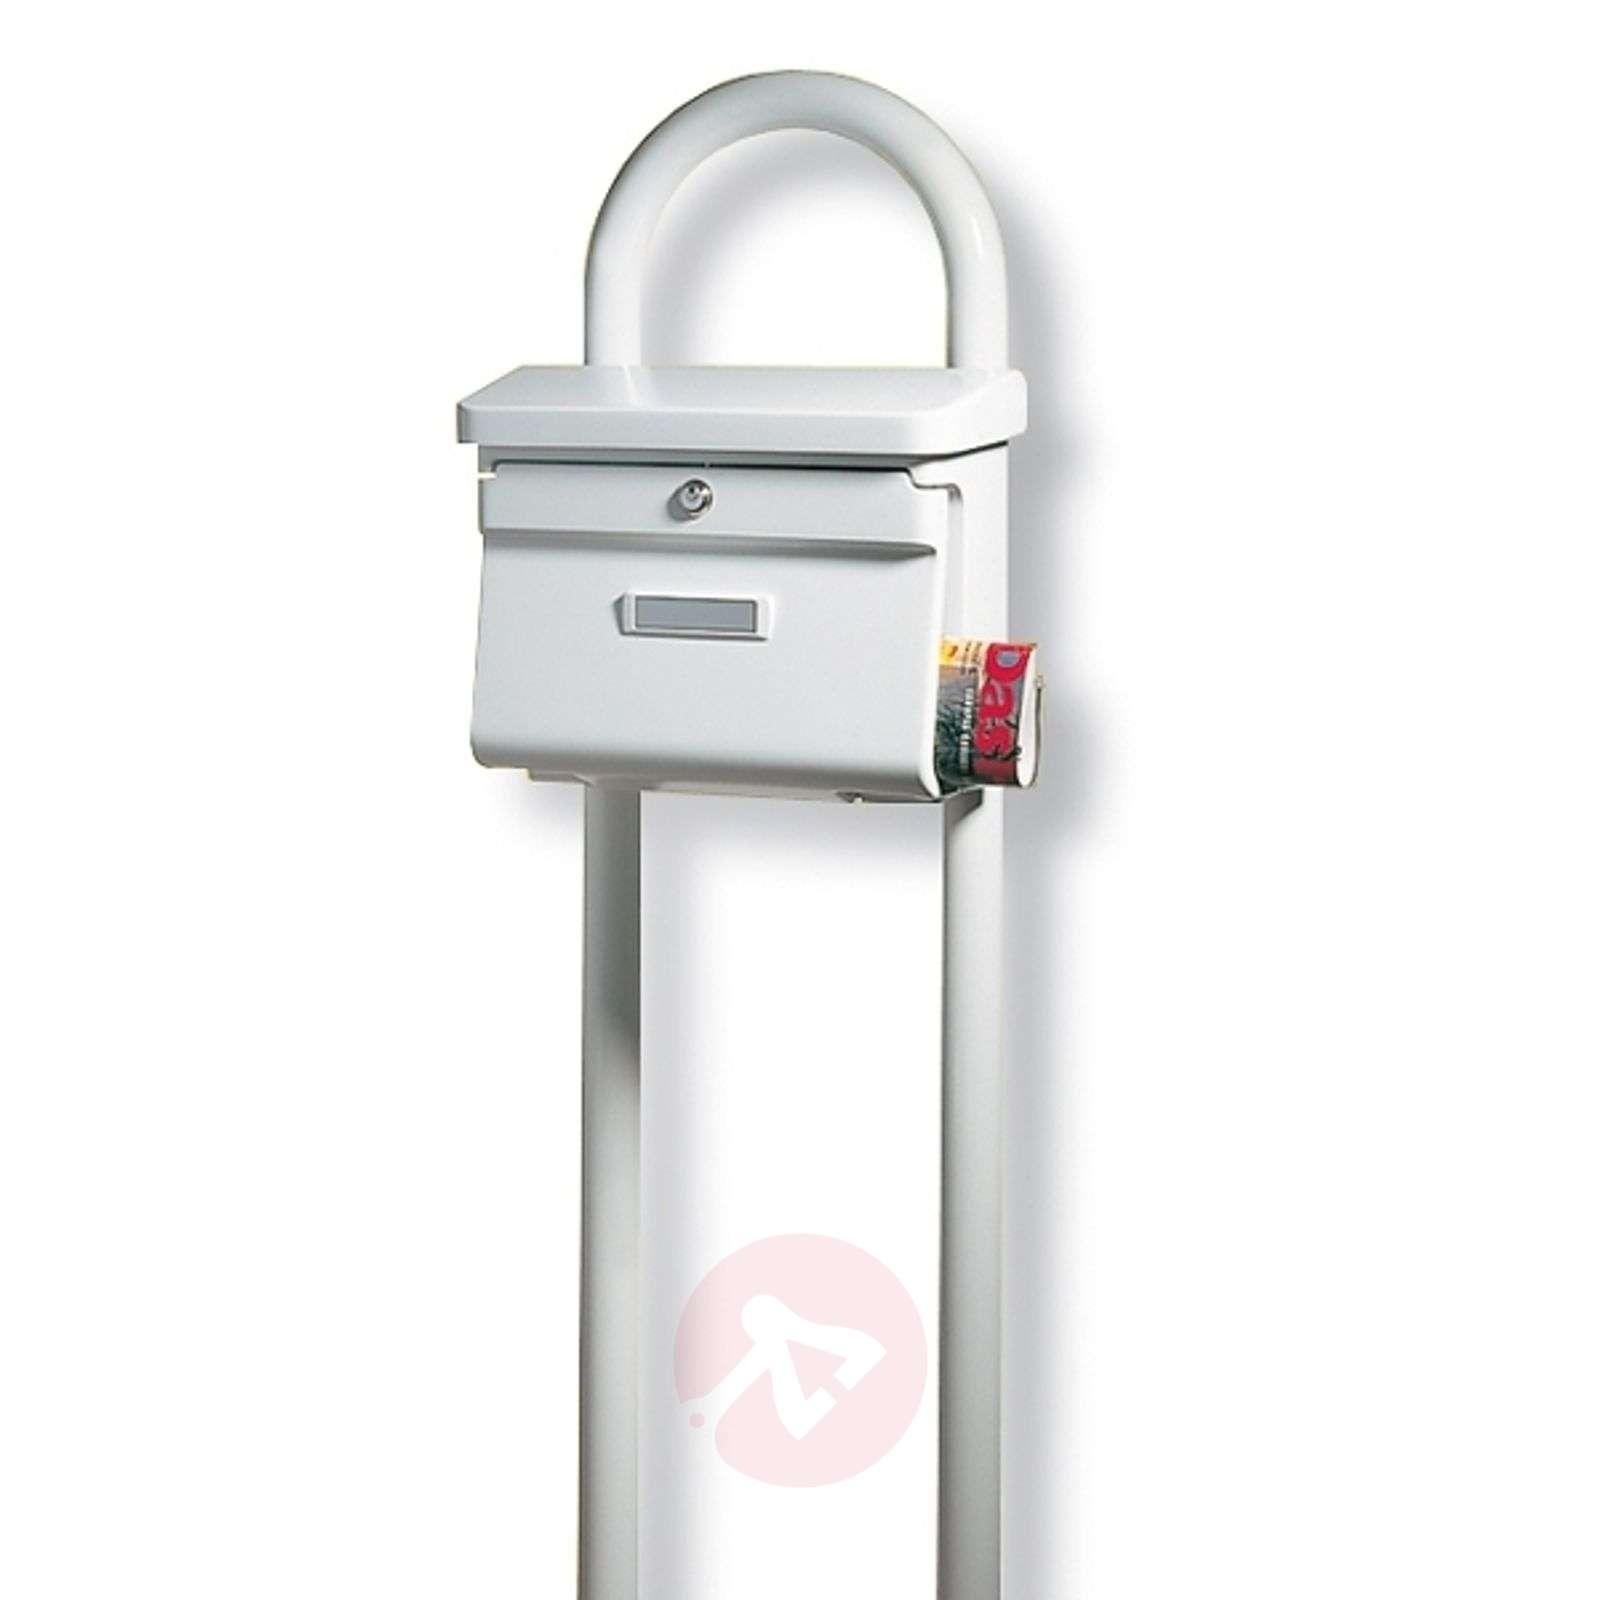 Rondo-postilaatikkopylväs, valkoinen-1532120-01